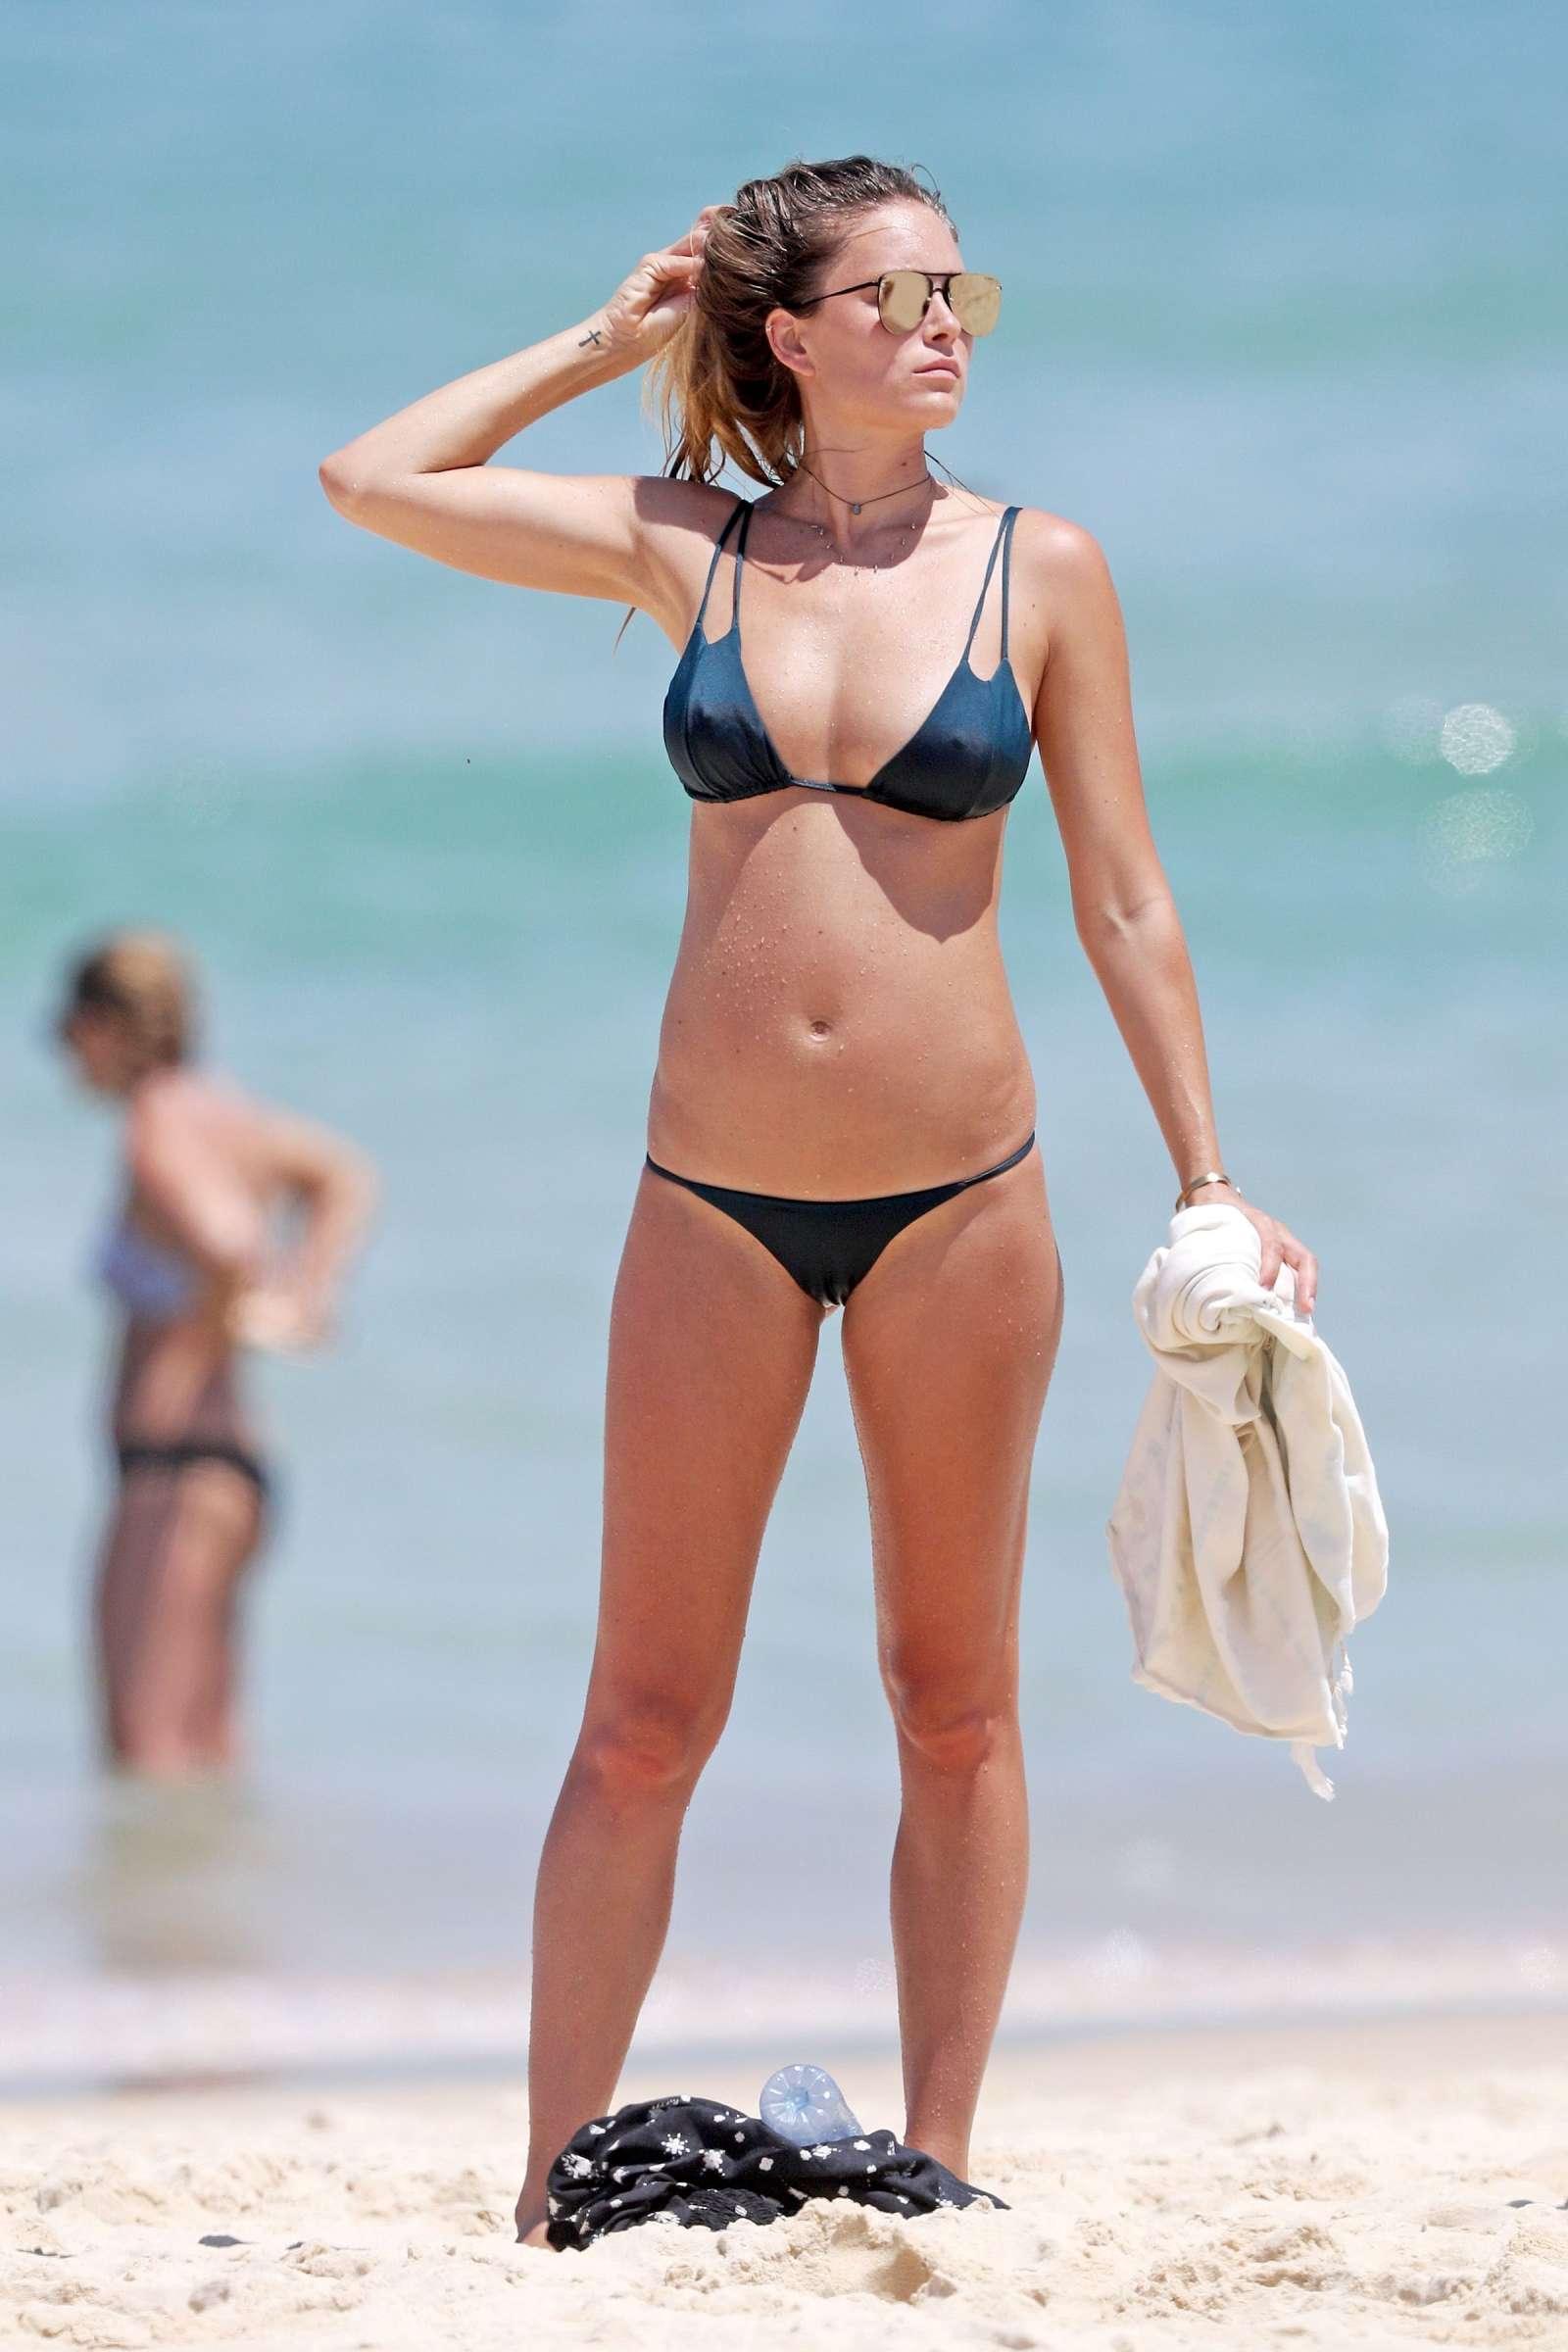 Bikini Kendall Lee Schuler nude (87 photos), Bikini